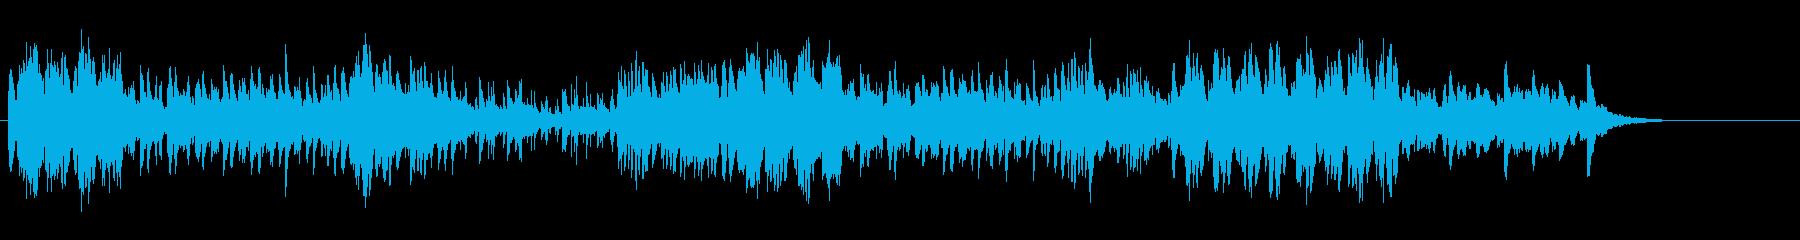 マリンバ・鉄琴・木琴等による高速五重奏の再生済みの波形